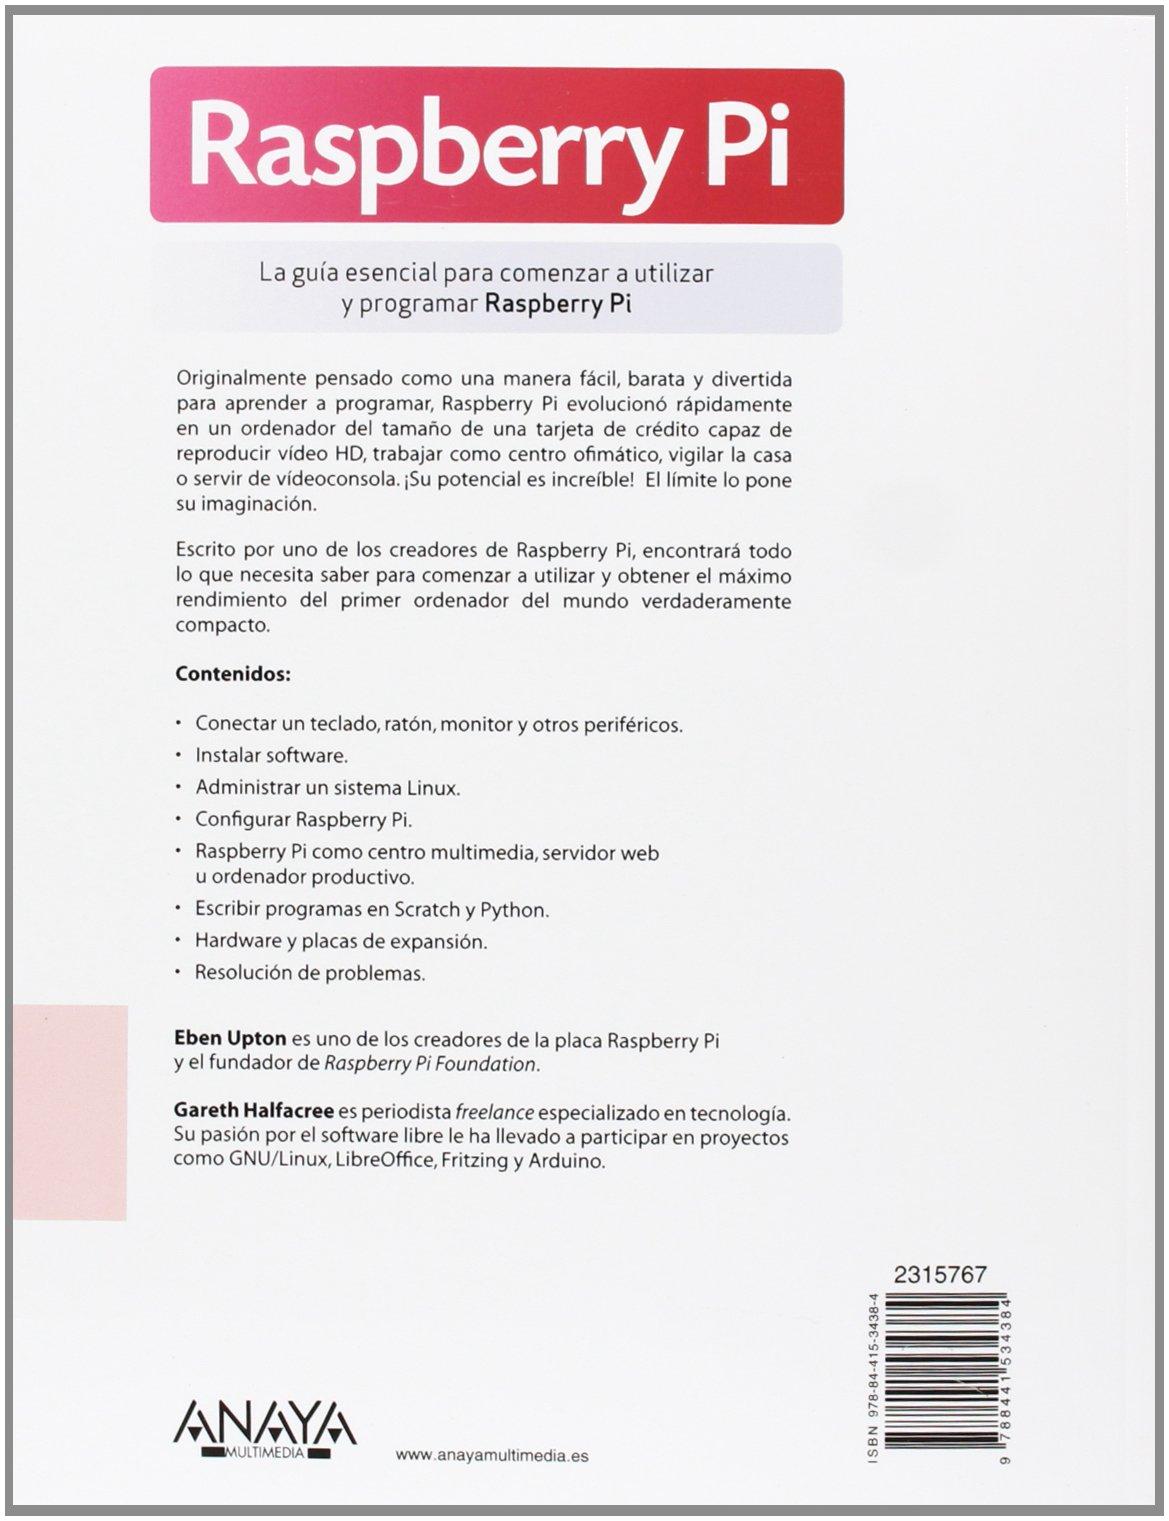 Amazon.com: Raspberry Pi User Guide (Spanish Edition) (9788441534384): Gareth Halfacree, Victoria Zamora Mored: Books